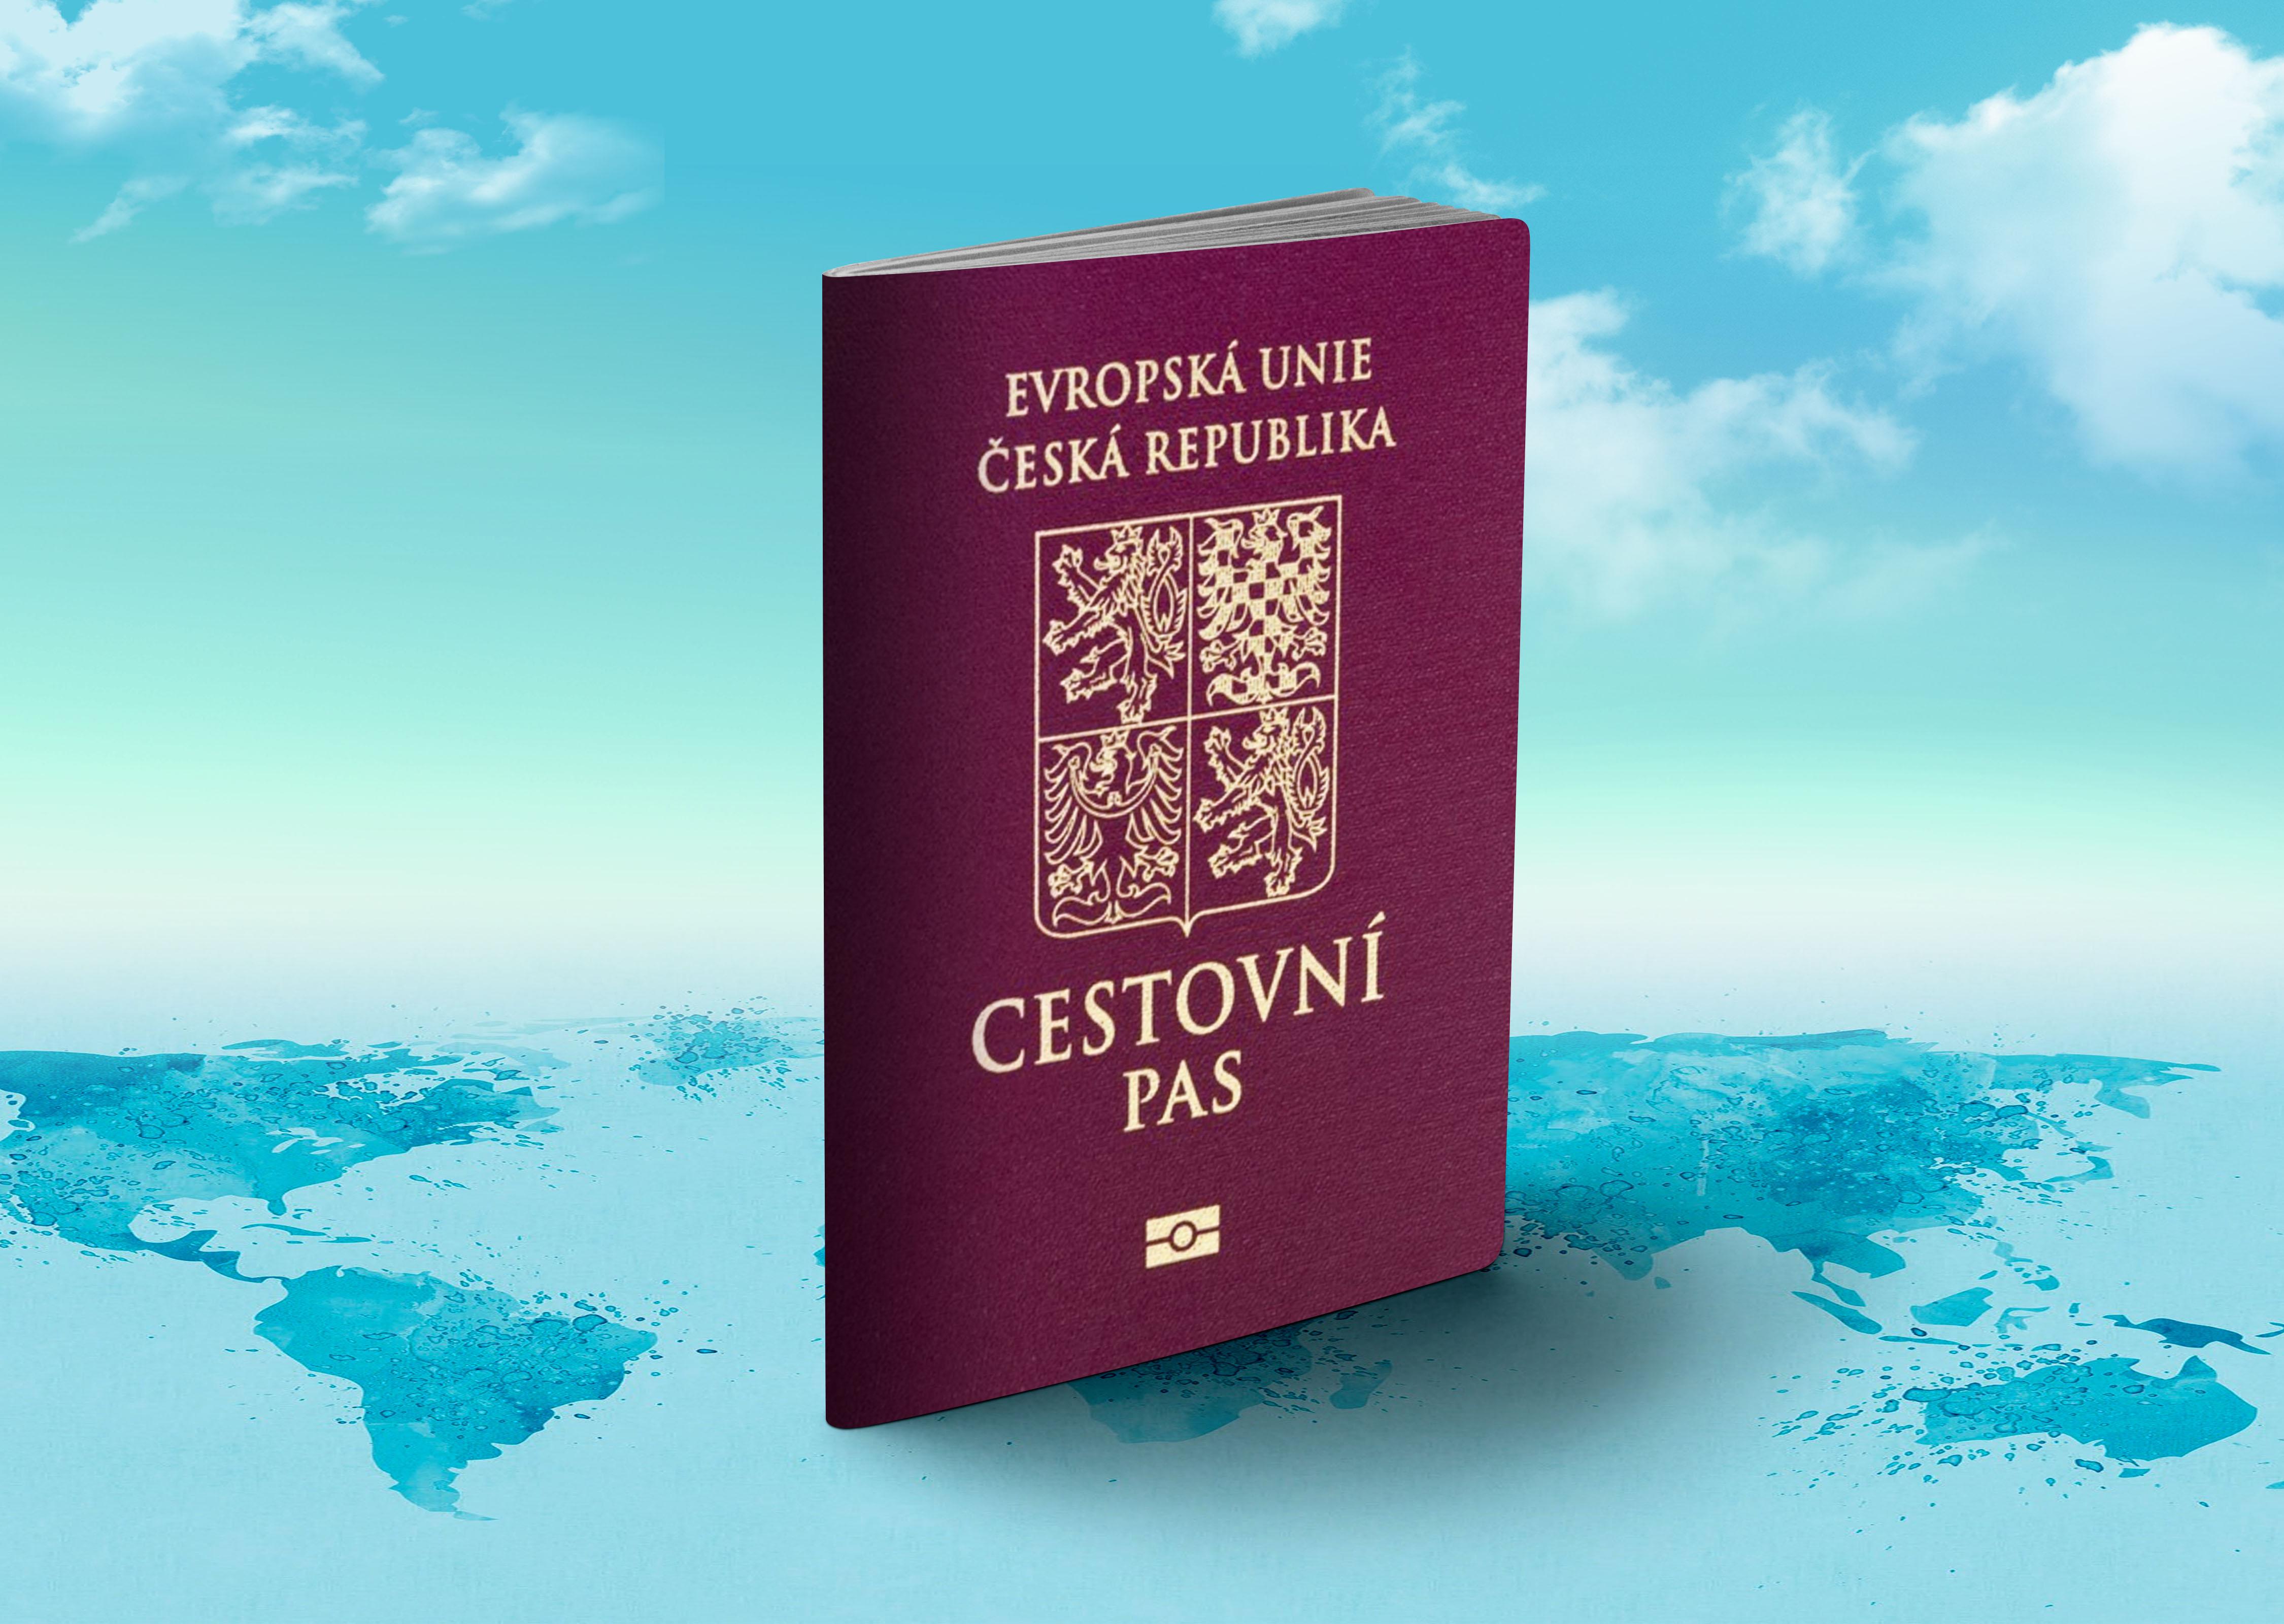 Паспорт Чехии, гражданство которой могут получить россияне, украинцы и белорусы